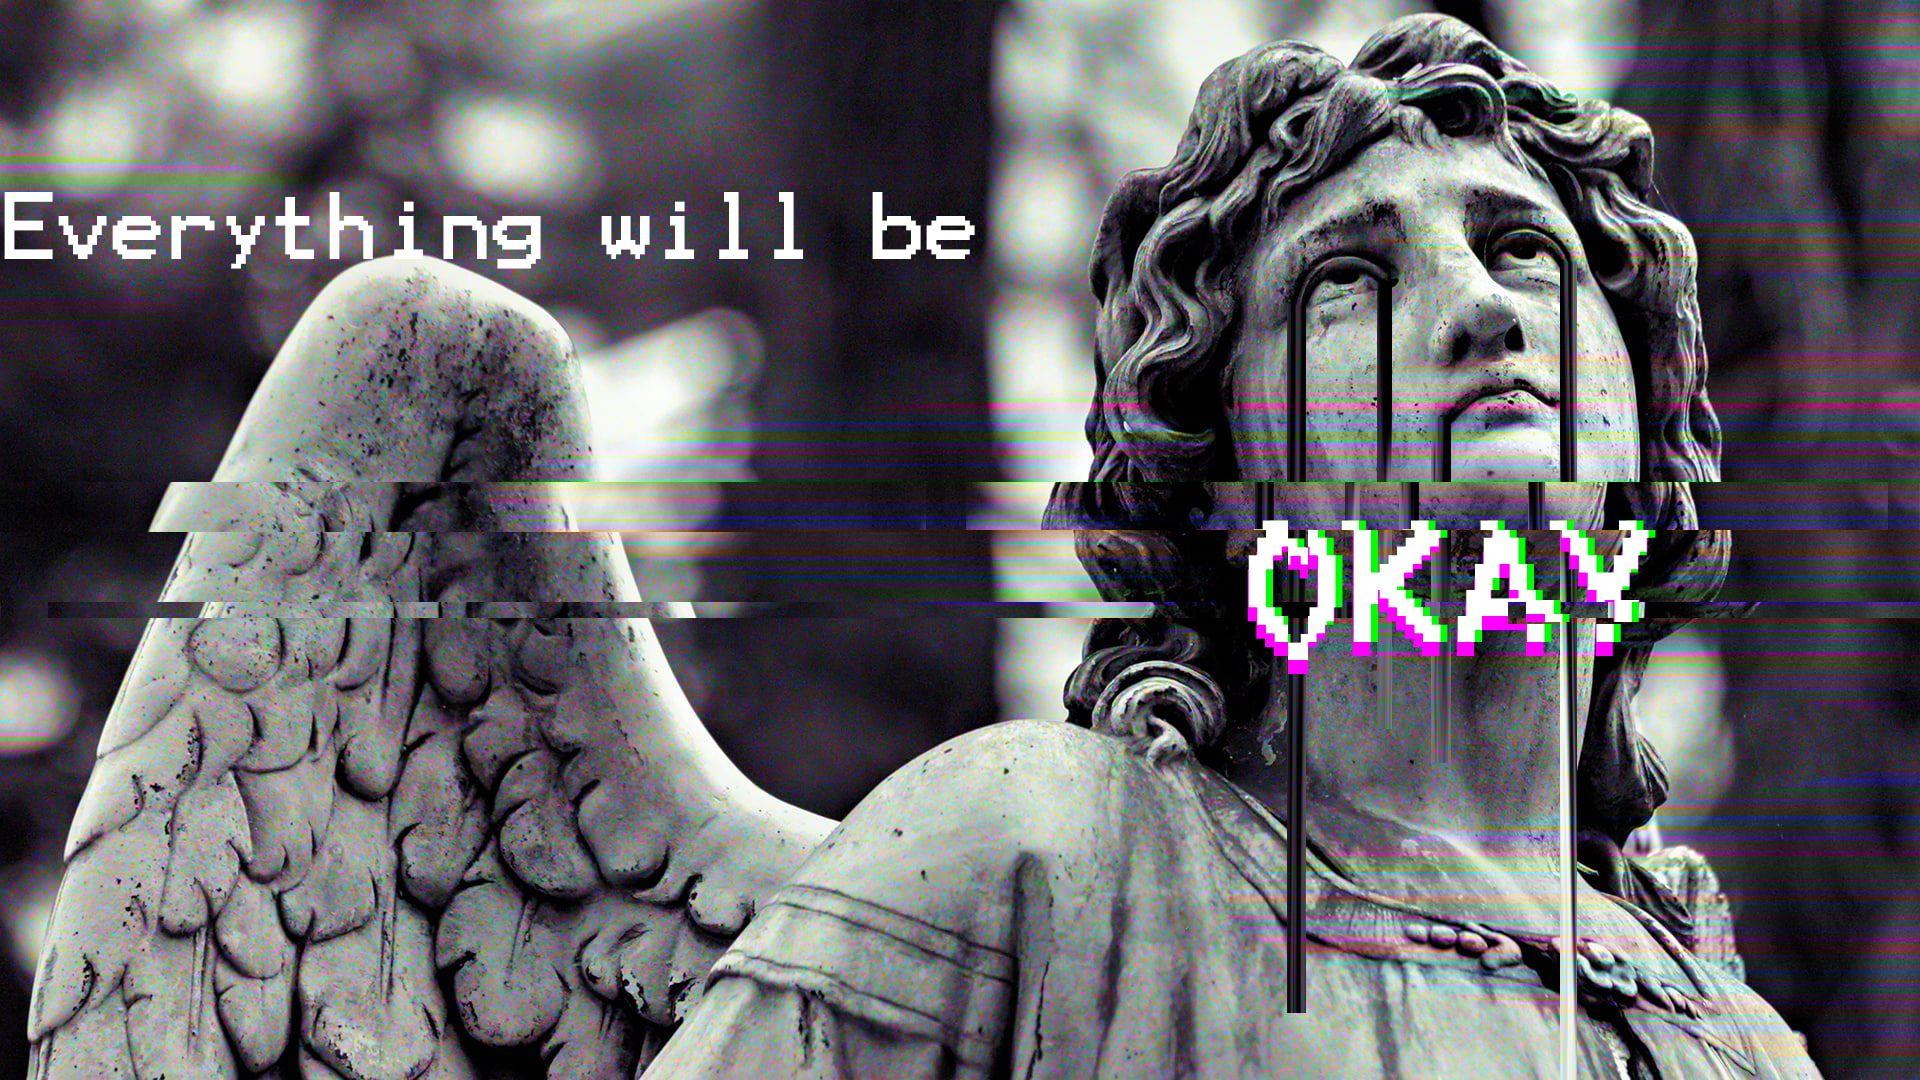 Greek Mythology Vaporwave Statue Glitch Art 1080p Wallpaper Hdwallpaper Desktop Glitch Art Vaporwave Angel Statues Greece aesthetic desktop wallpaper